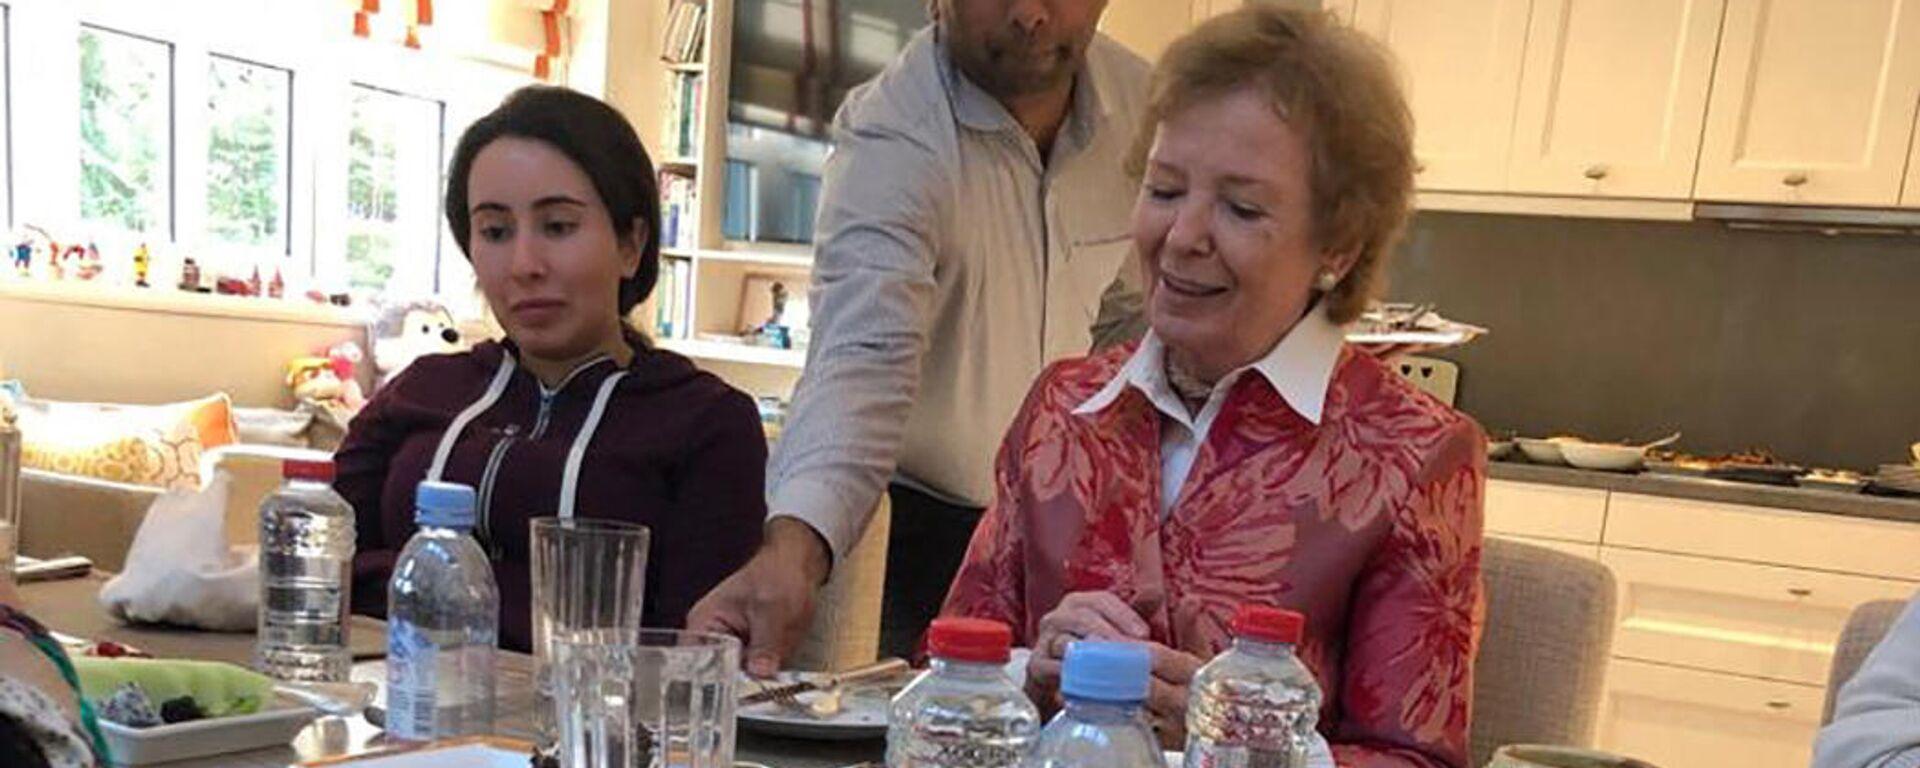 Jequesa Latifa (izquierda) junto a la expresidenta de Irlanda Mary Robinson - Sputnik Mundo, 1920, 18.02.2021